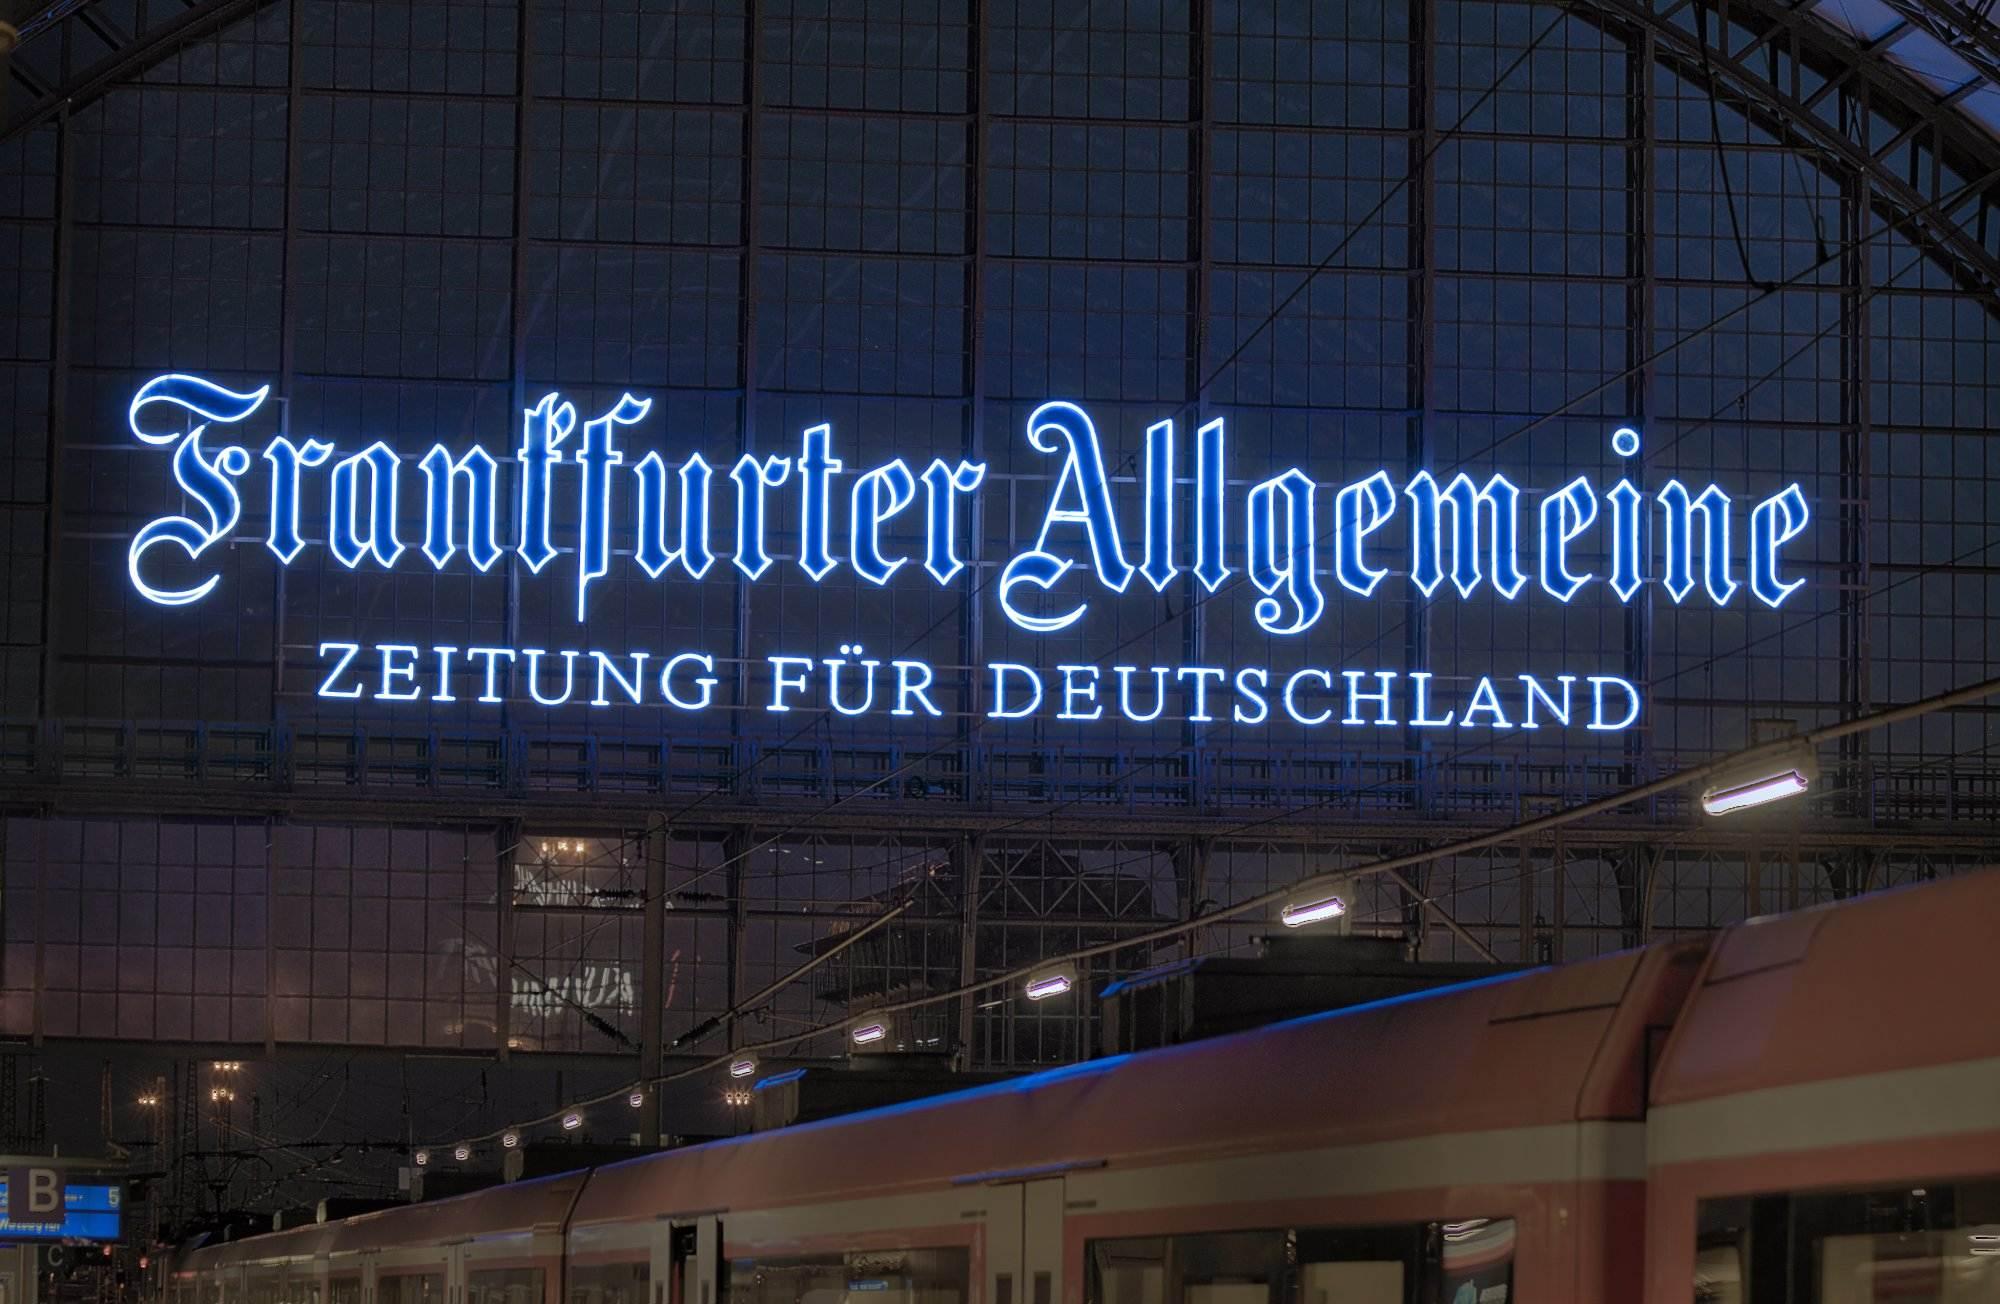 Frankfurter Allgemeine Neon